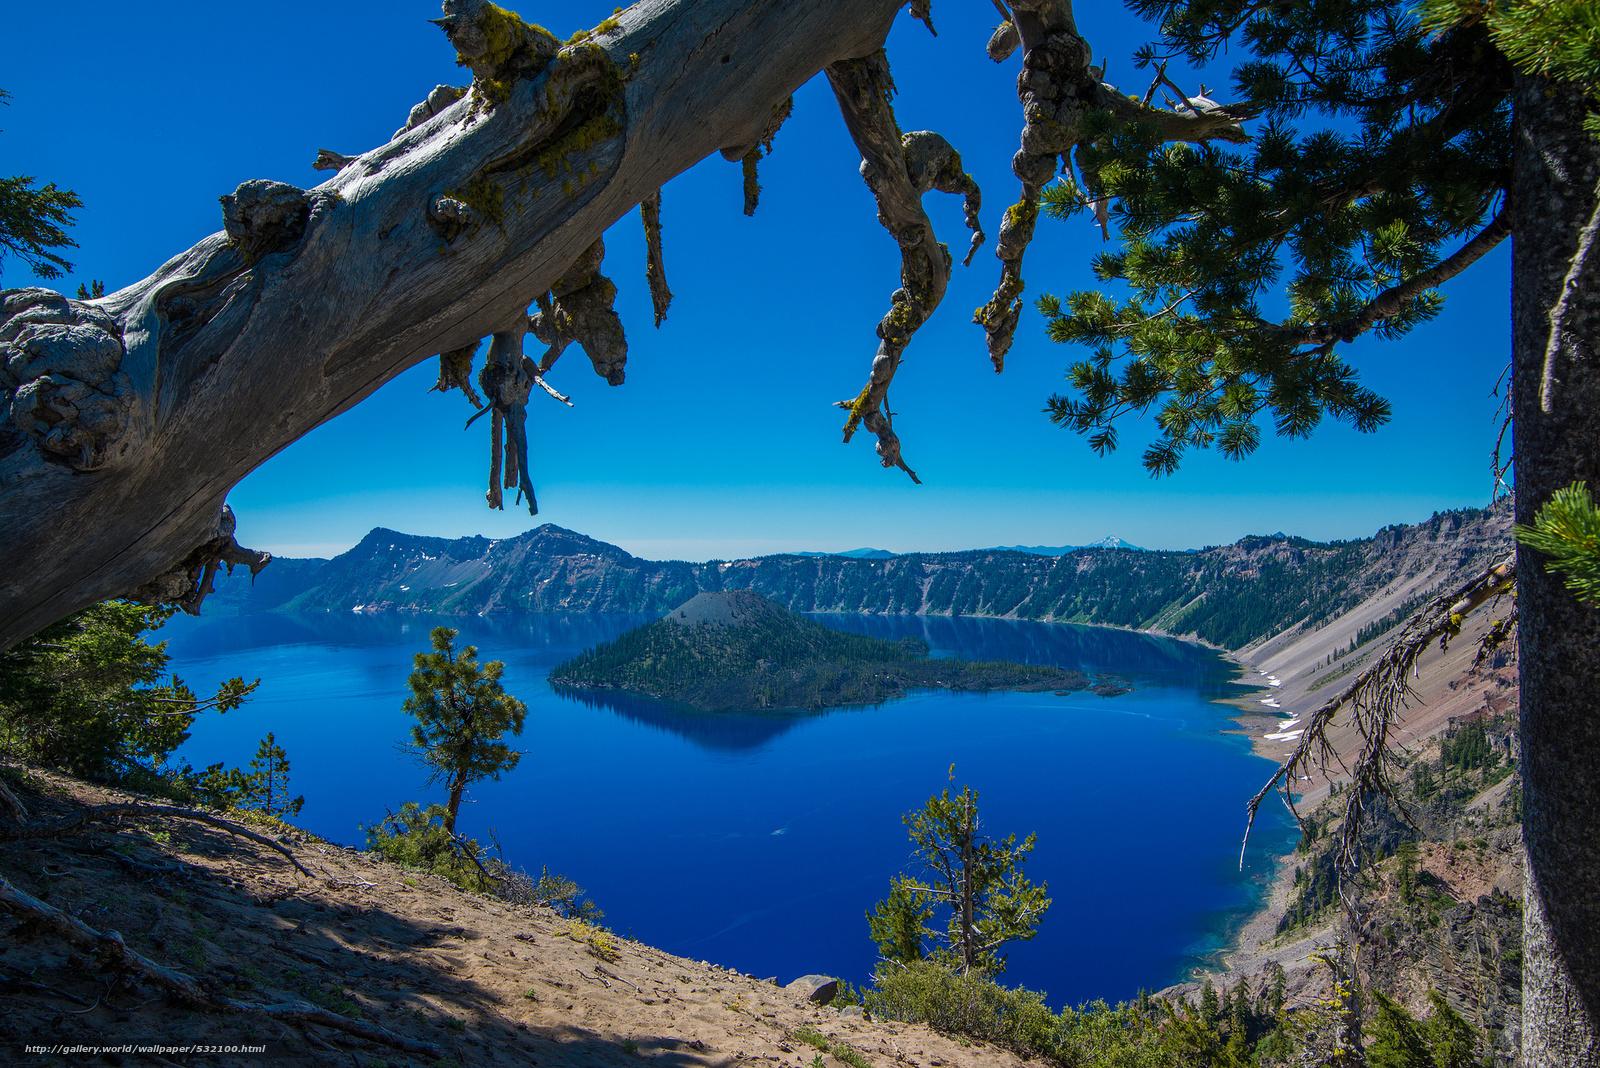 Скачать обои crater lake,  crater lake national park,  oregon,  Озеро Крейтер бесплатно для рабочего стола в разрешении 2048x1367 — картинка №532100